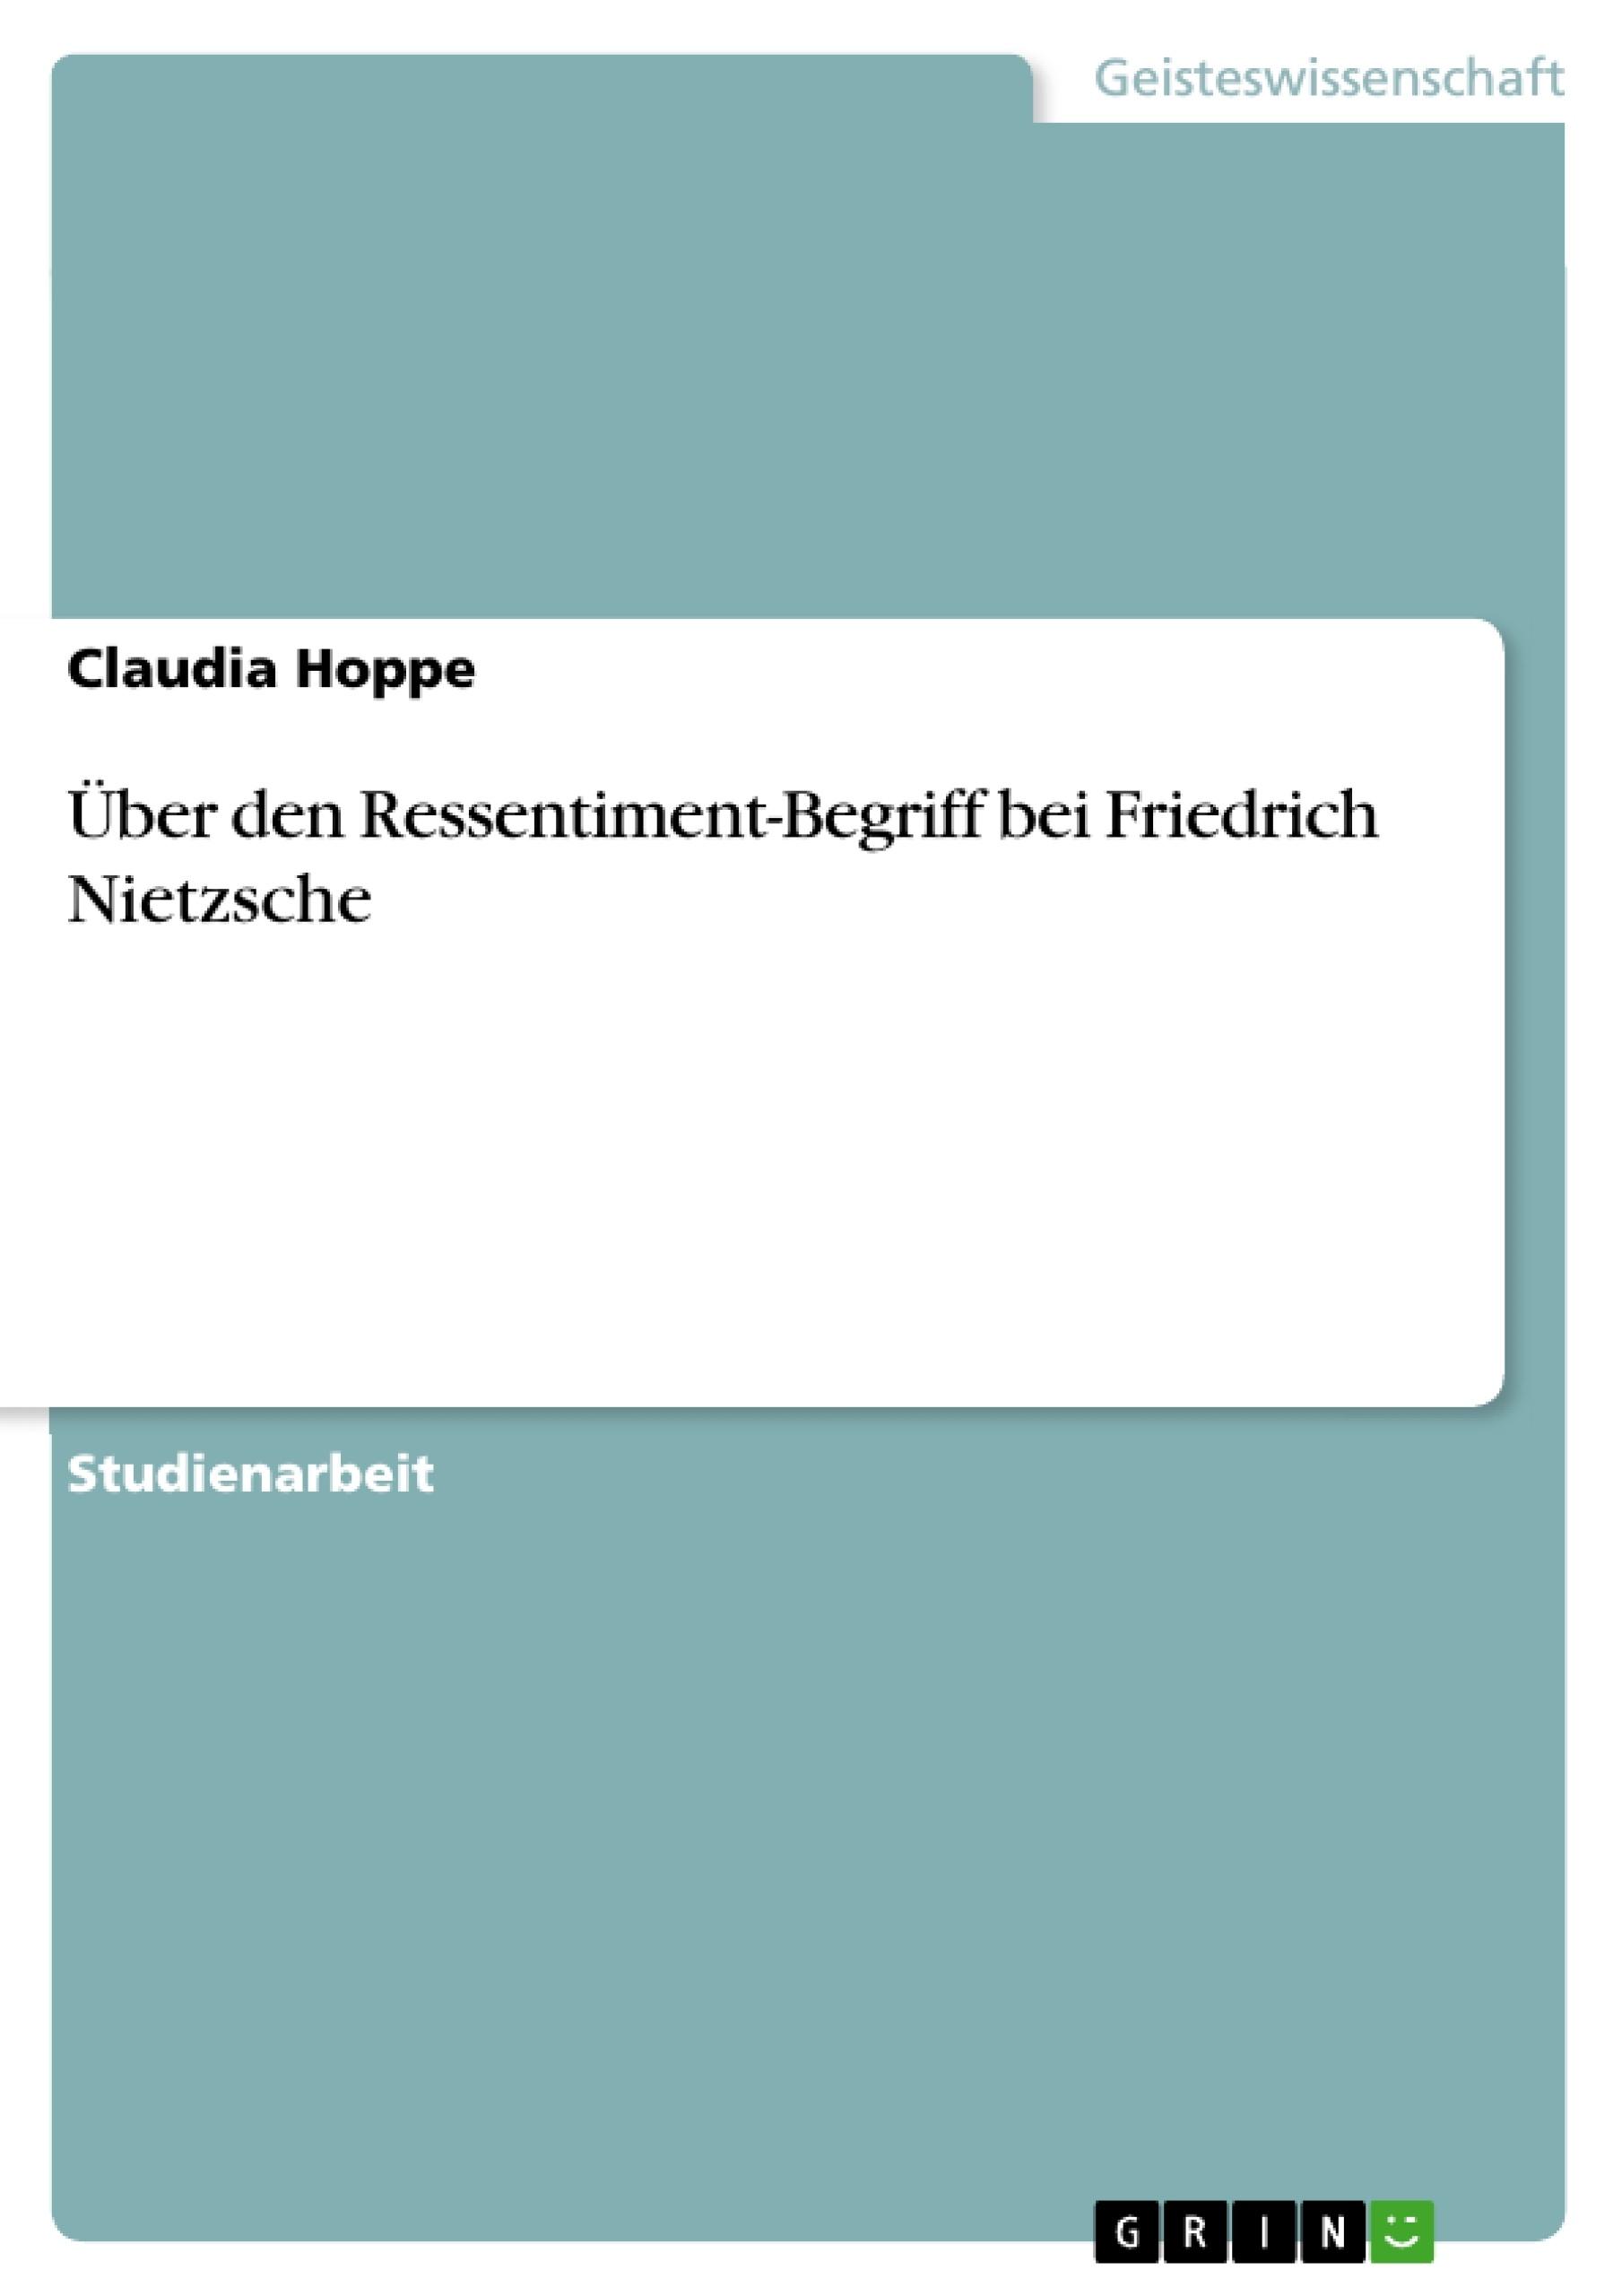 Titel: Über den Ressentiment-Begriff bei Friedrich Nietzsche